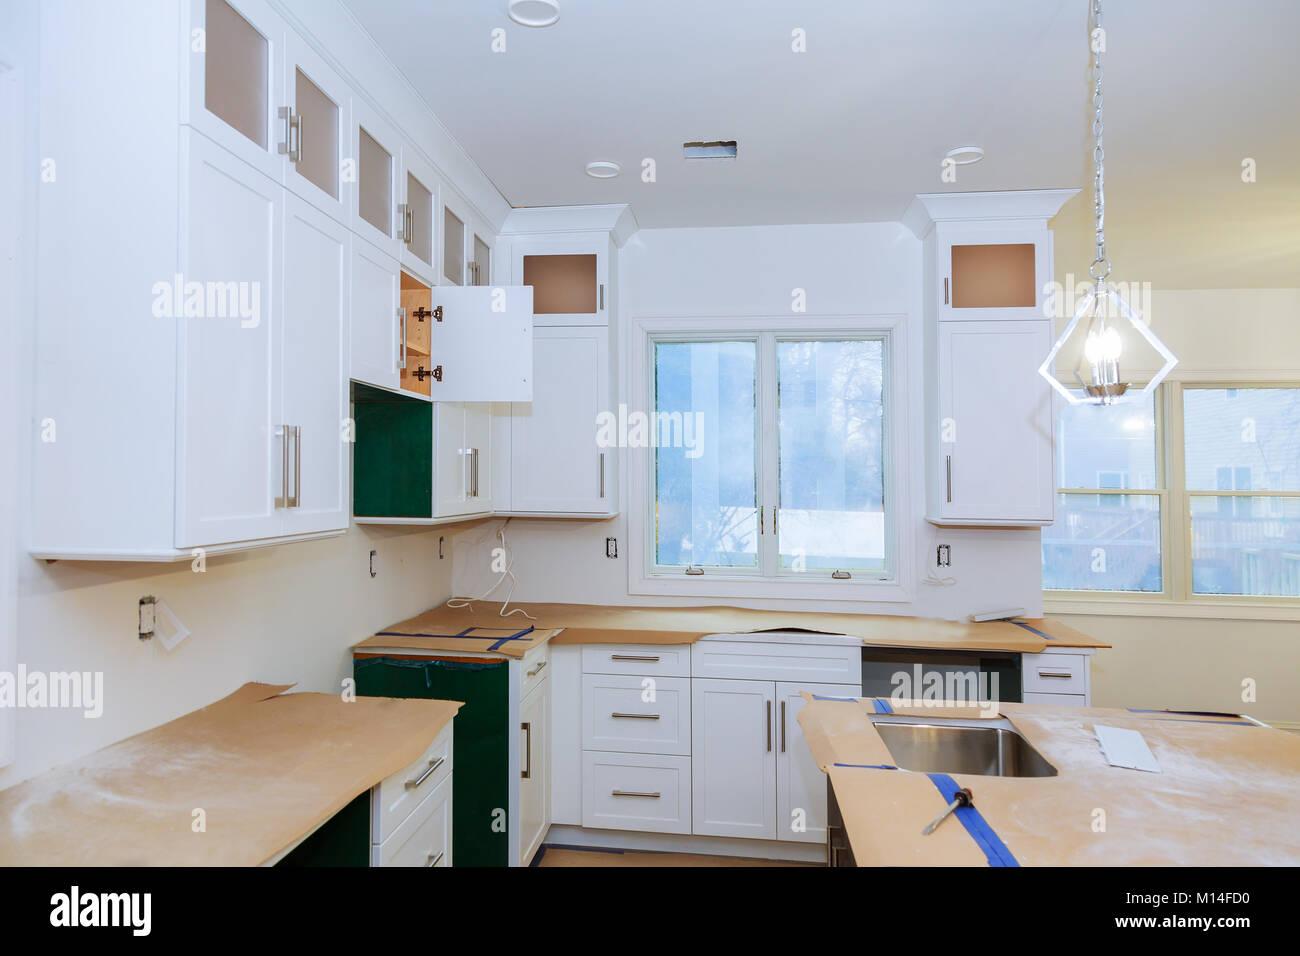 modern kitchen cabinet. Blind corner cabinet, island drawers ...